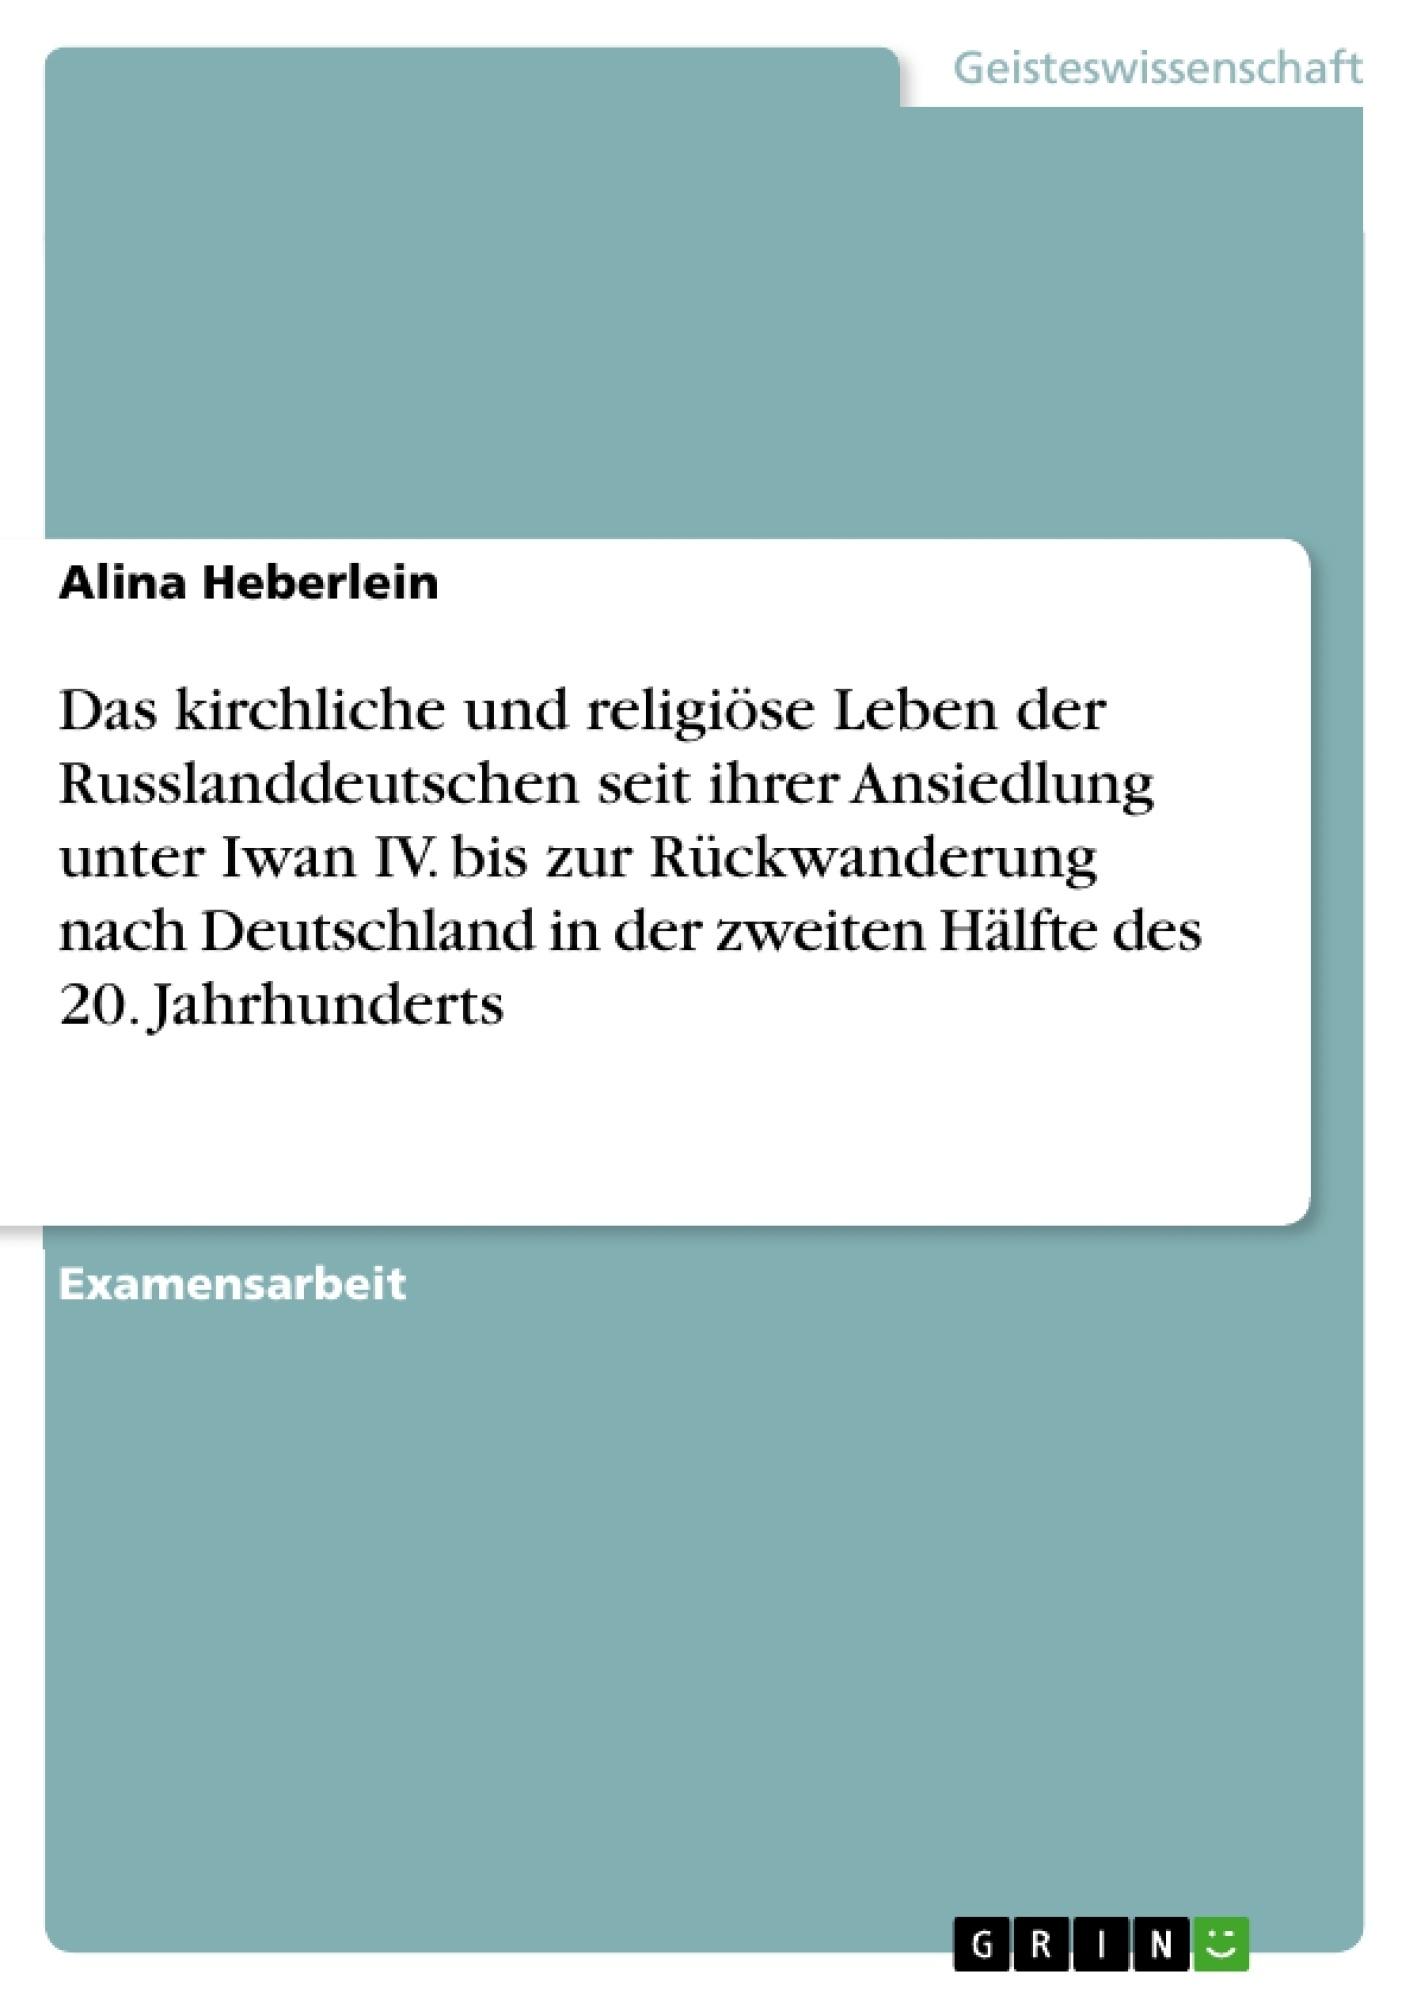 Titel: Das kirchliche und religiöse Leben der Russlanddeutschen seit ihrer Ansiedlung unter Iwan IV. bis zur Rückwanderung nach Deutschland in der zweiten Hälfte des 20. Jahrhunderts